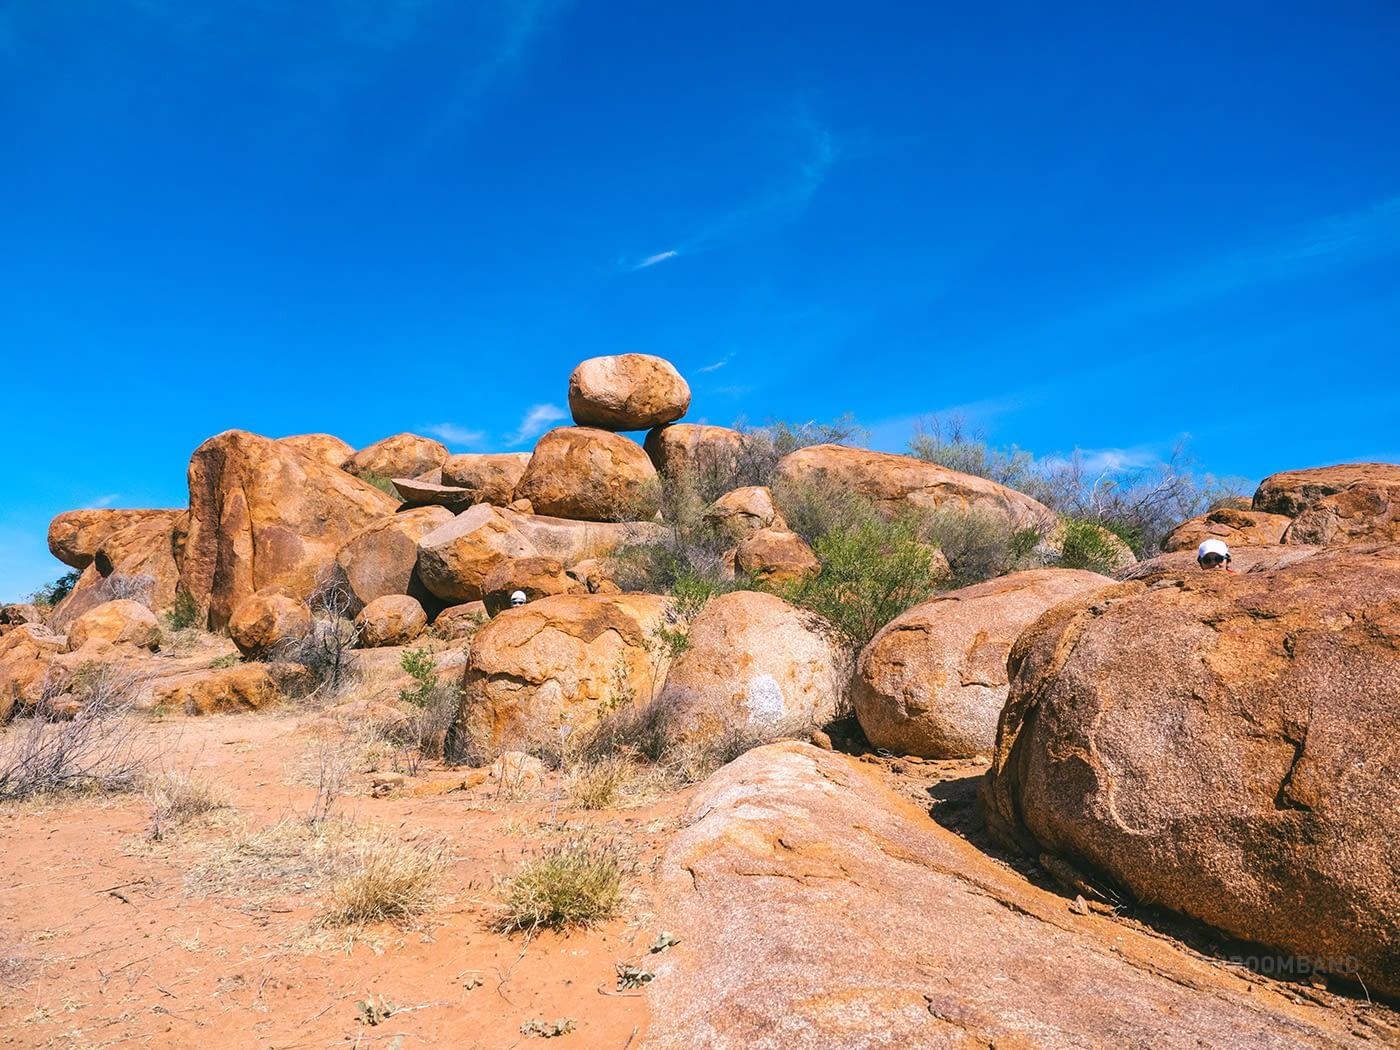 NT Australia - Karlu Karlu - Find my friends at the tipping pebble